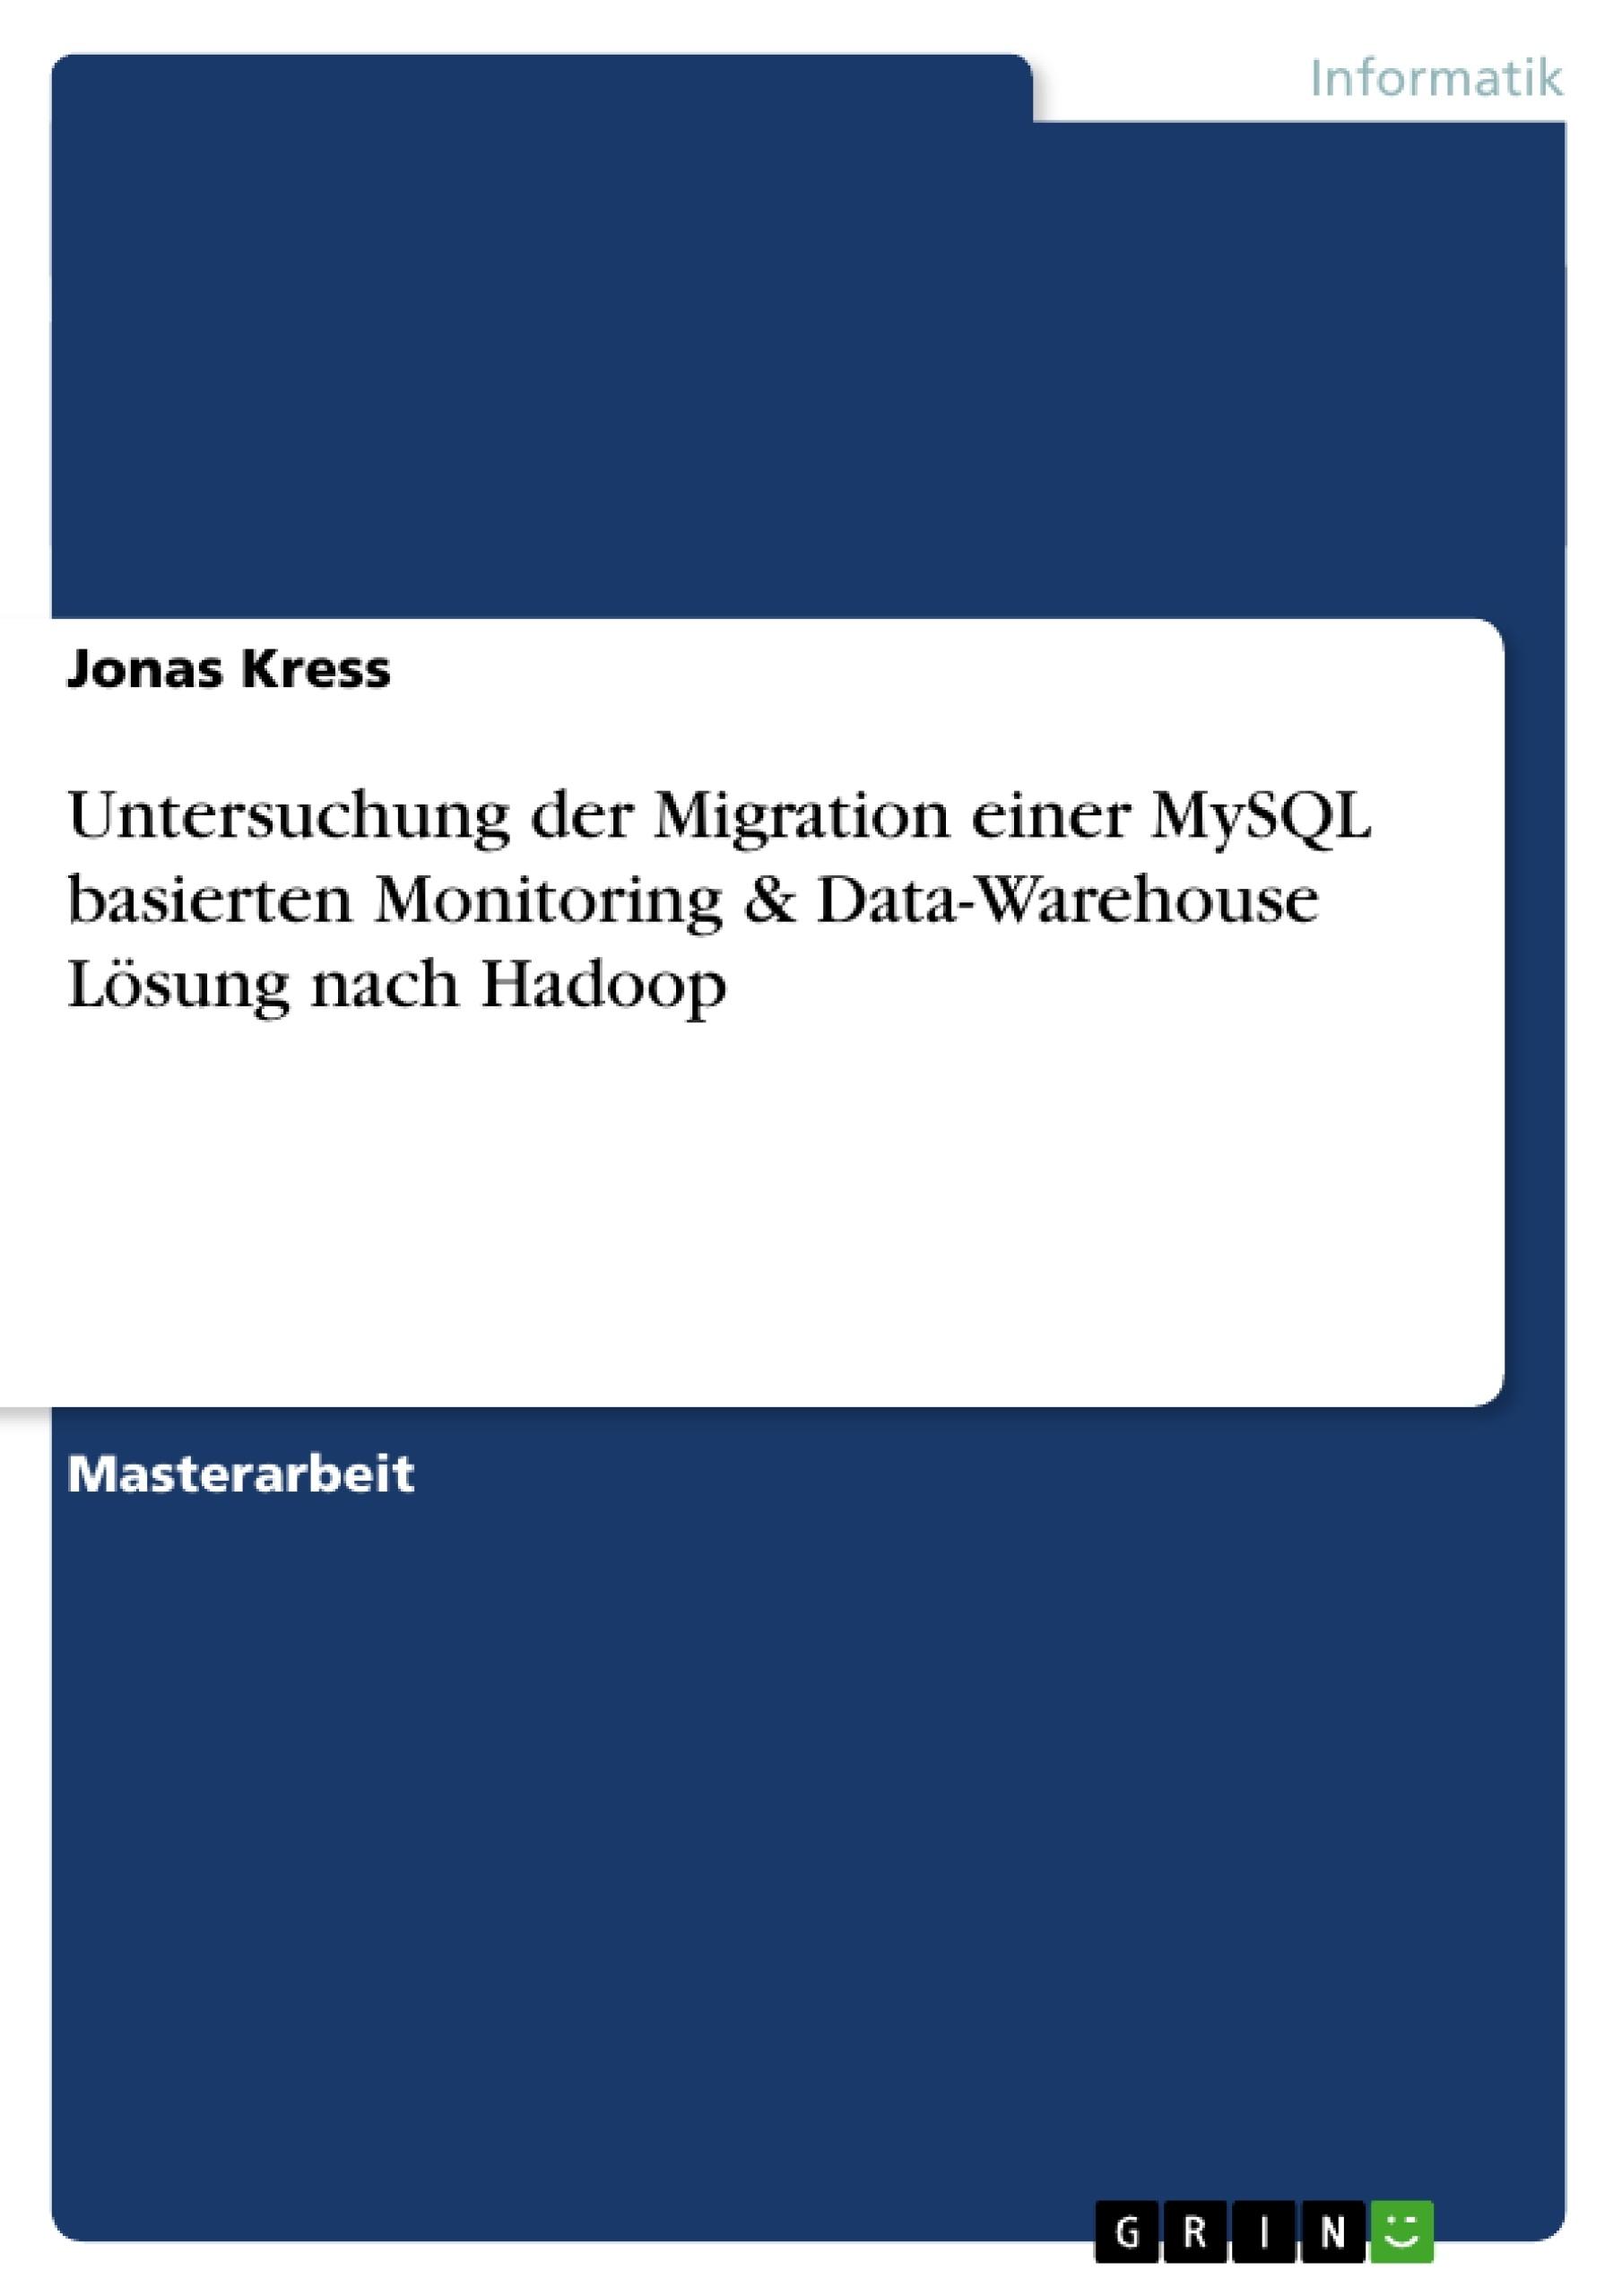 Titel: Untersuchung der Migration einer MySQL basierten Monitoring & Data-Warehouse Lösung nach Hadoop